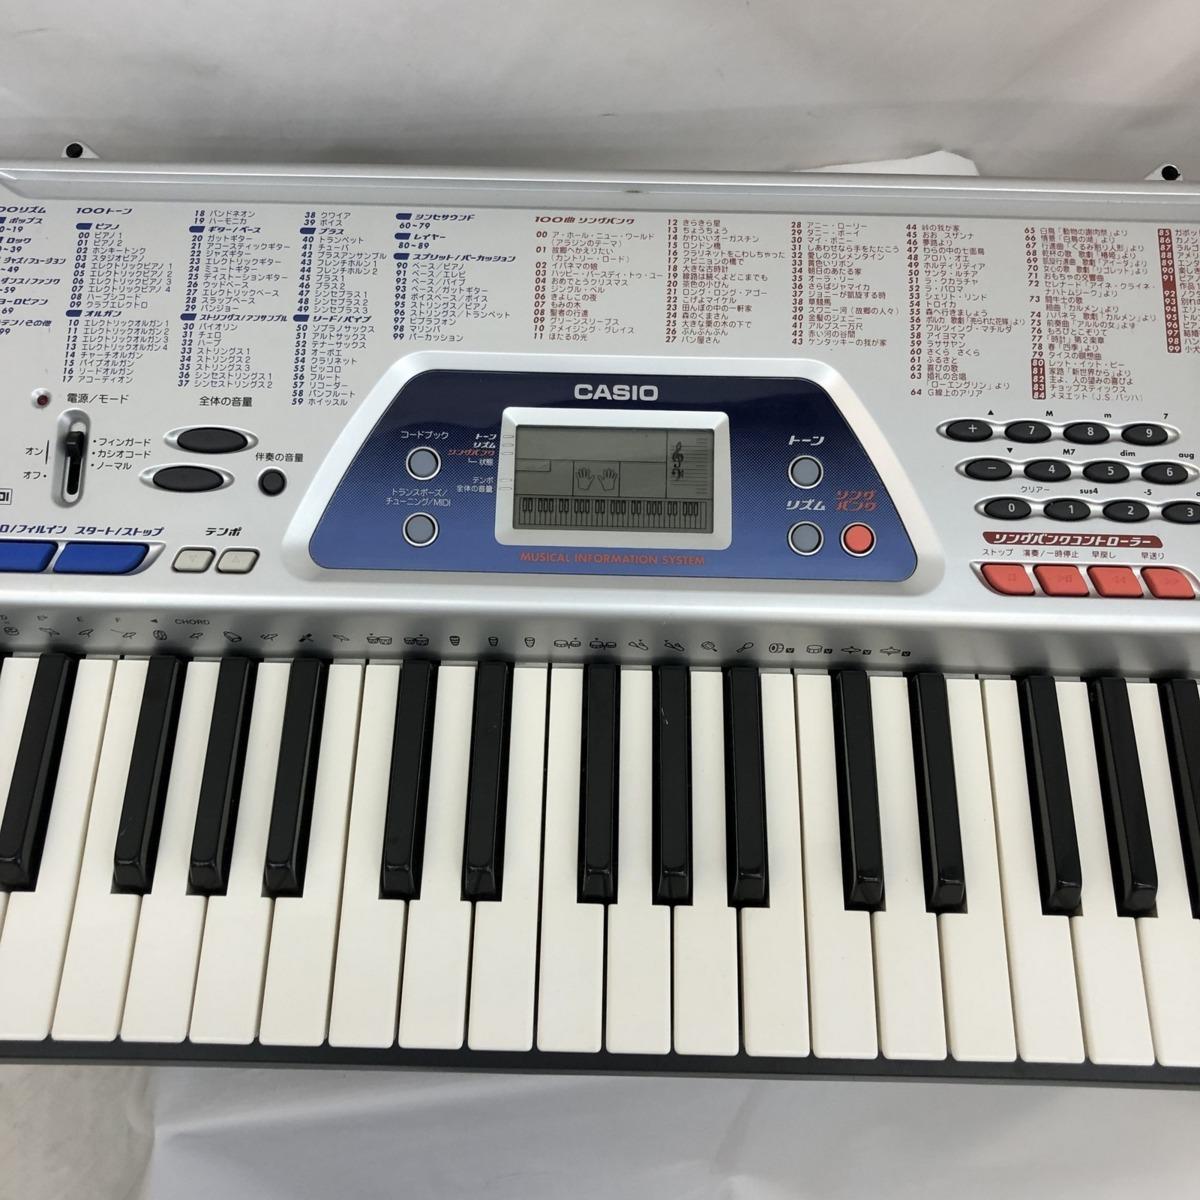 中古 CASIO カシオ 電子キーボード ベーシックキーボード CTK-481 61鍵盤 シルバー 電子ピアノ 鍵盤楽器 アダプター付き H15428_画像6